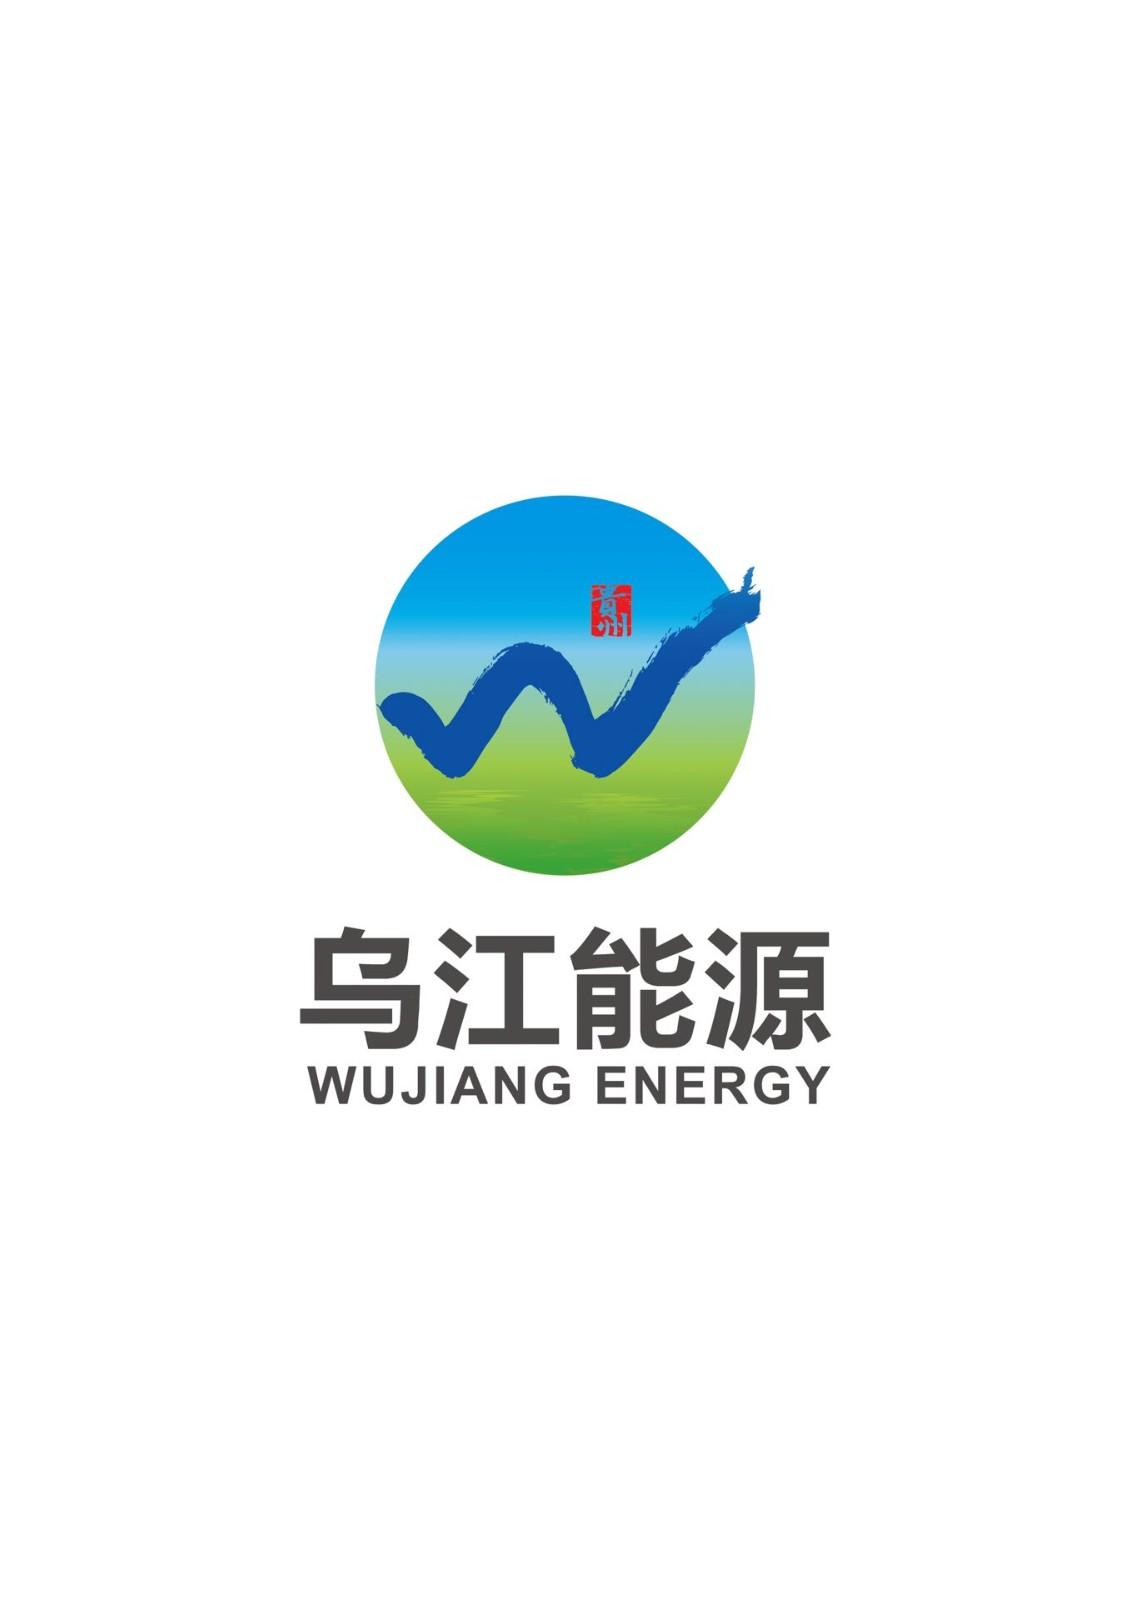 毕节能源投资开发有限公司